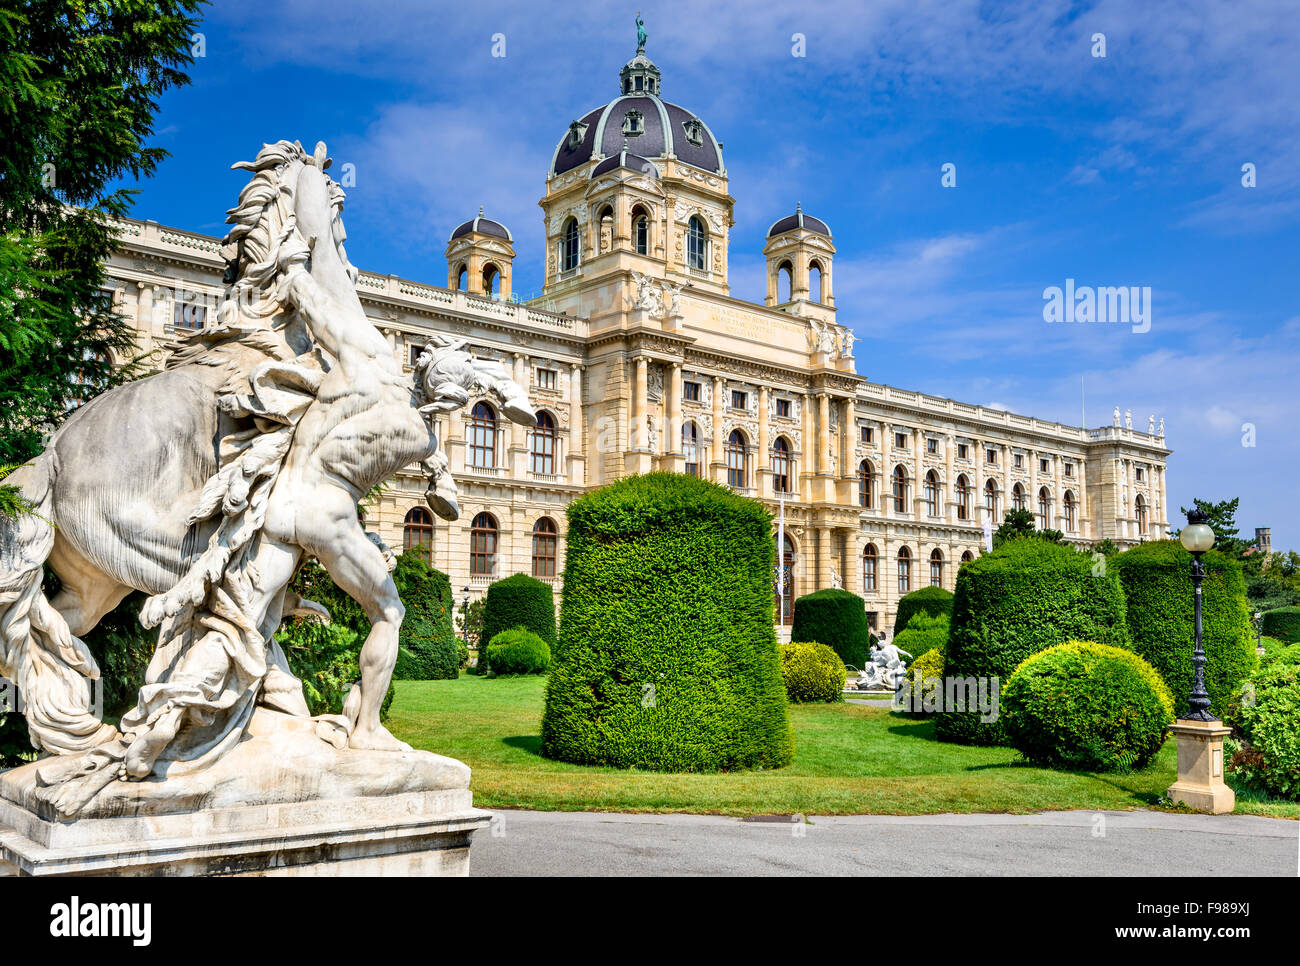 Vienne, Autriche. Belle vue sur célèbre Naturhistorisches Museum (Musée d'Histoire Naturelle) Photo Stock